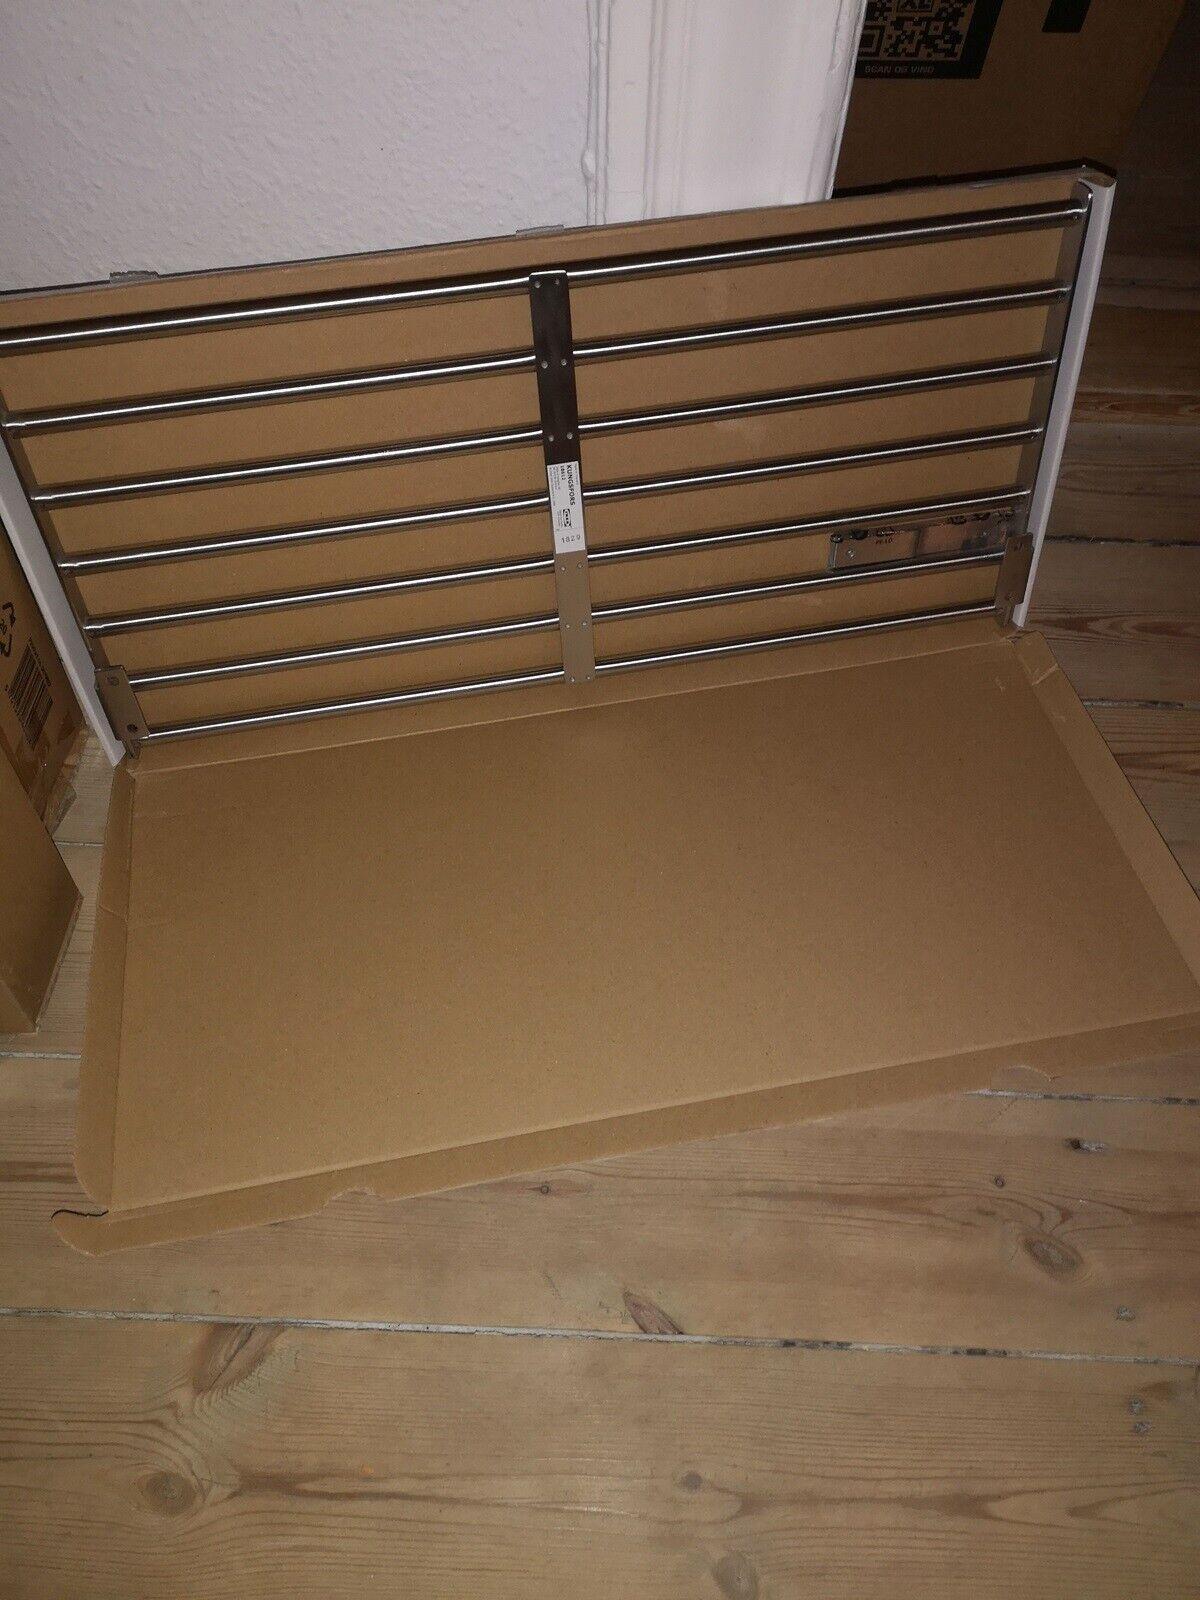 Picture of: Kungsfors Gitter Ikea Ndash Dba Dk Ndash Kob Og Salg Af Nyt Og Brugt